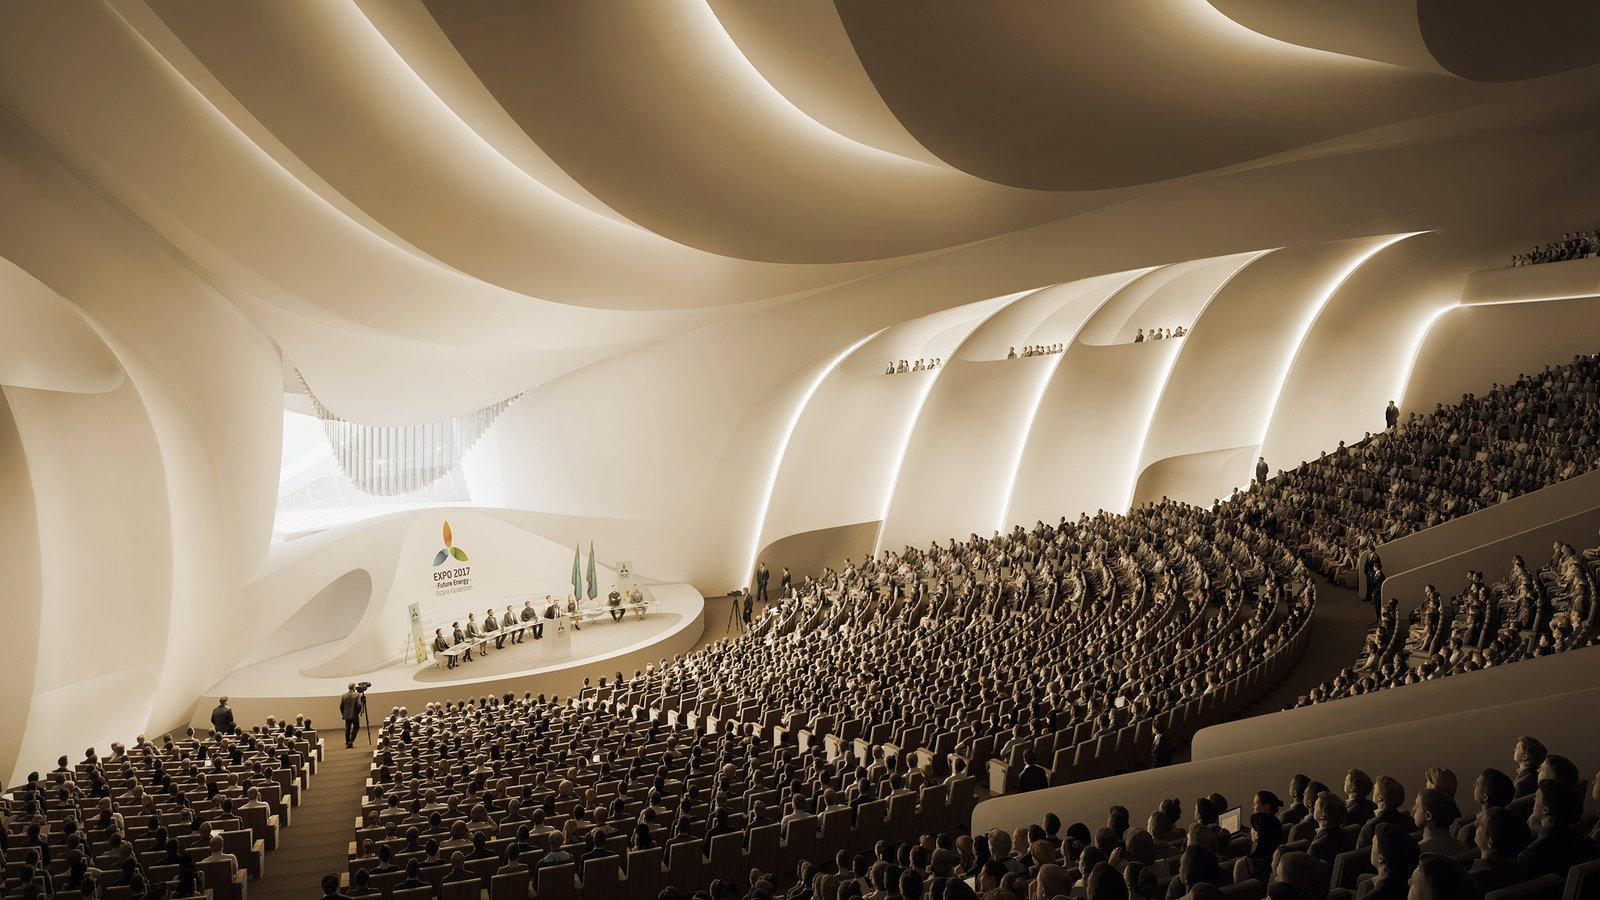 Astana Congress Center